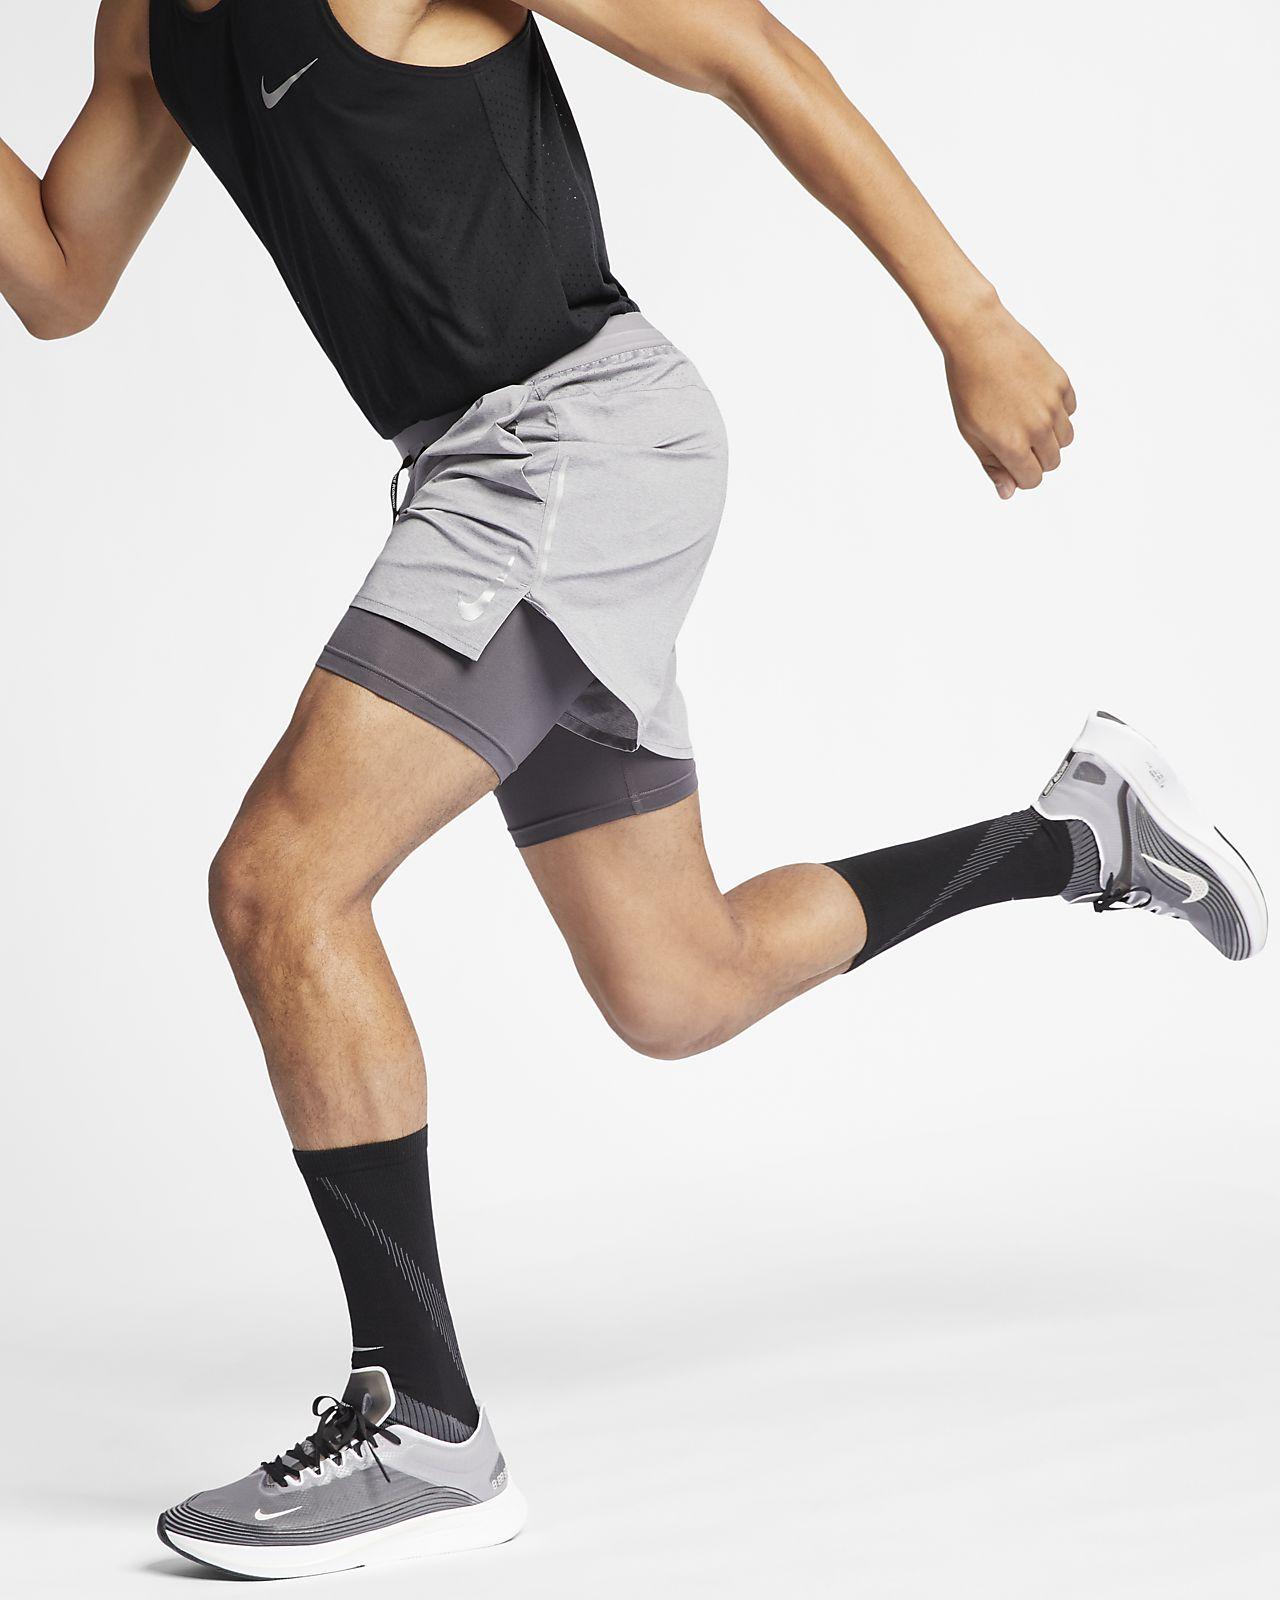 Calções de running 2 em 1 de 13cm Nike Flex Stride para homem